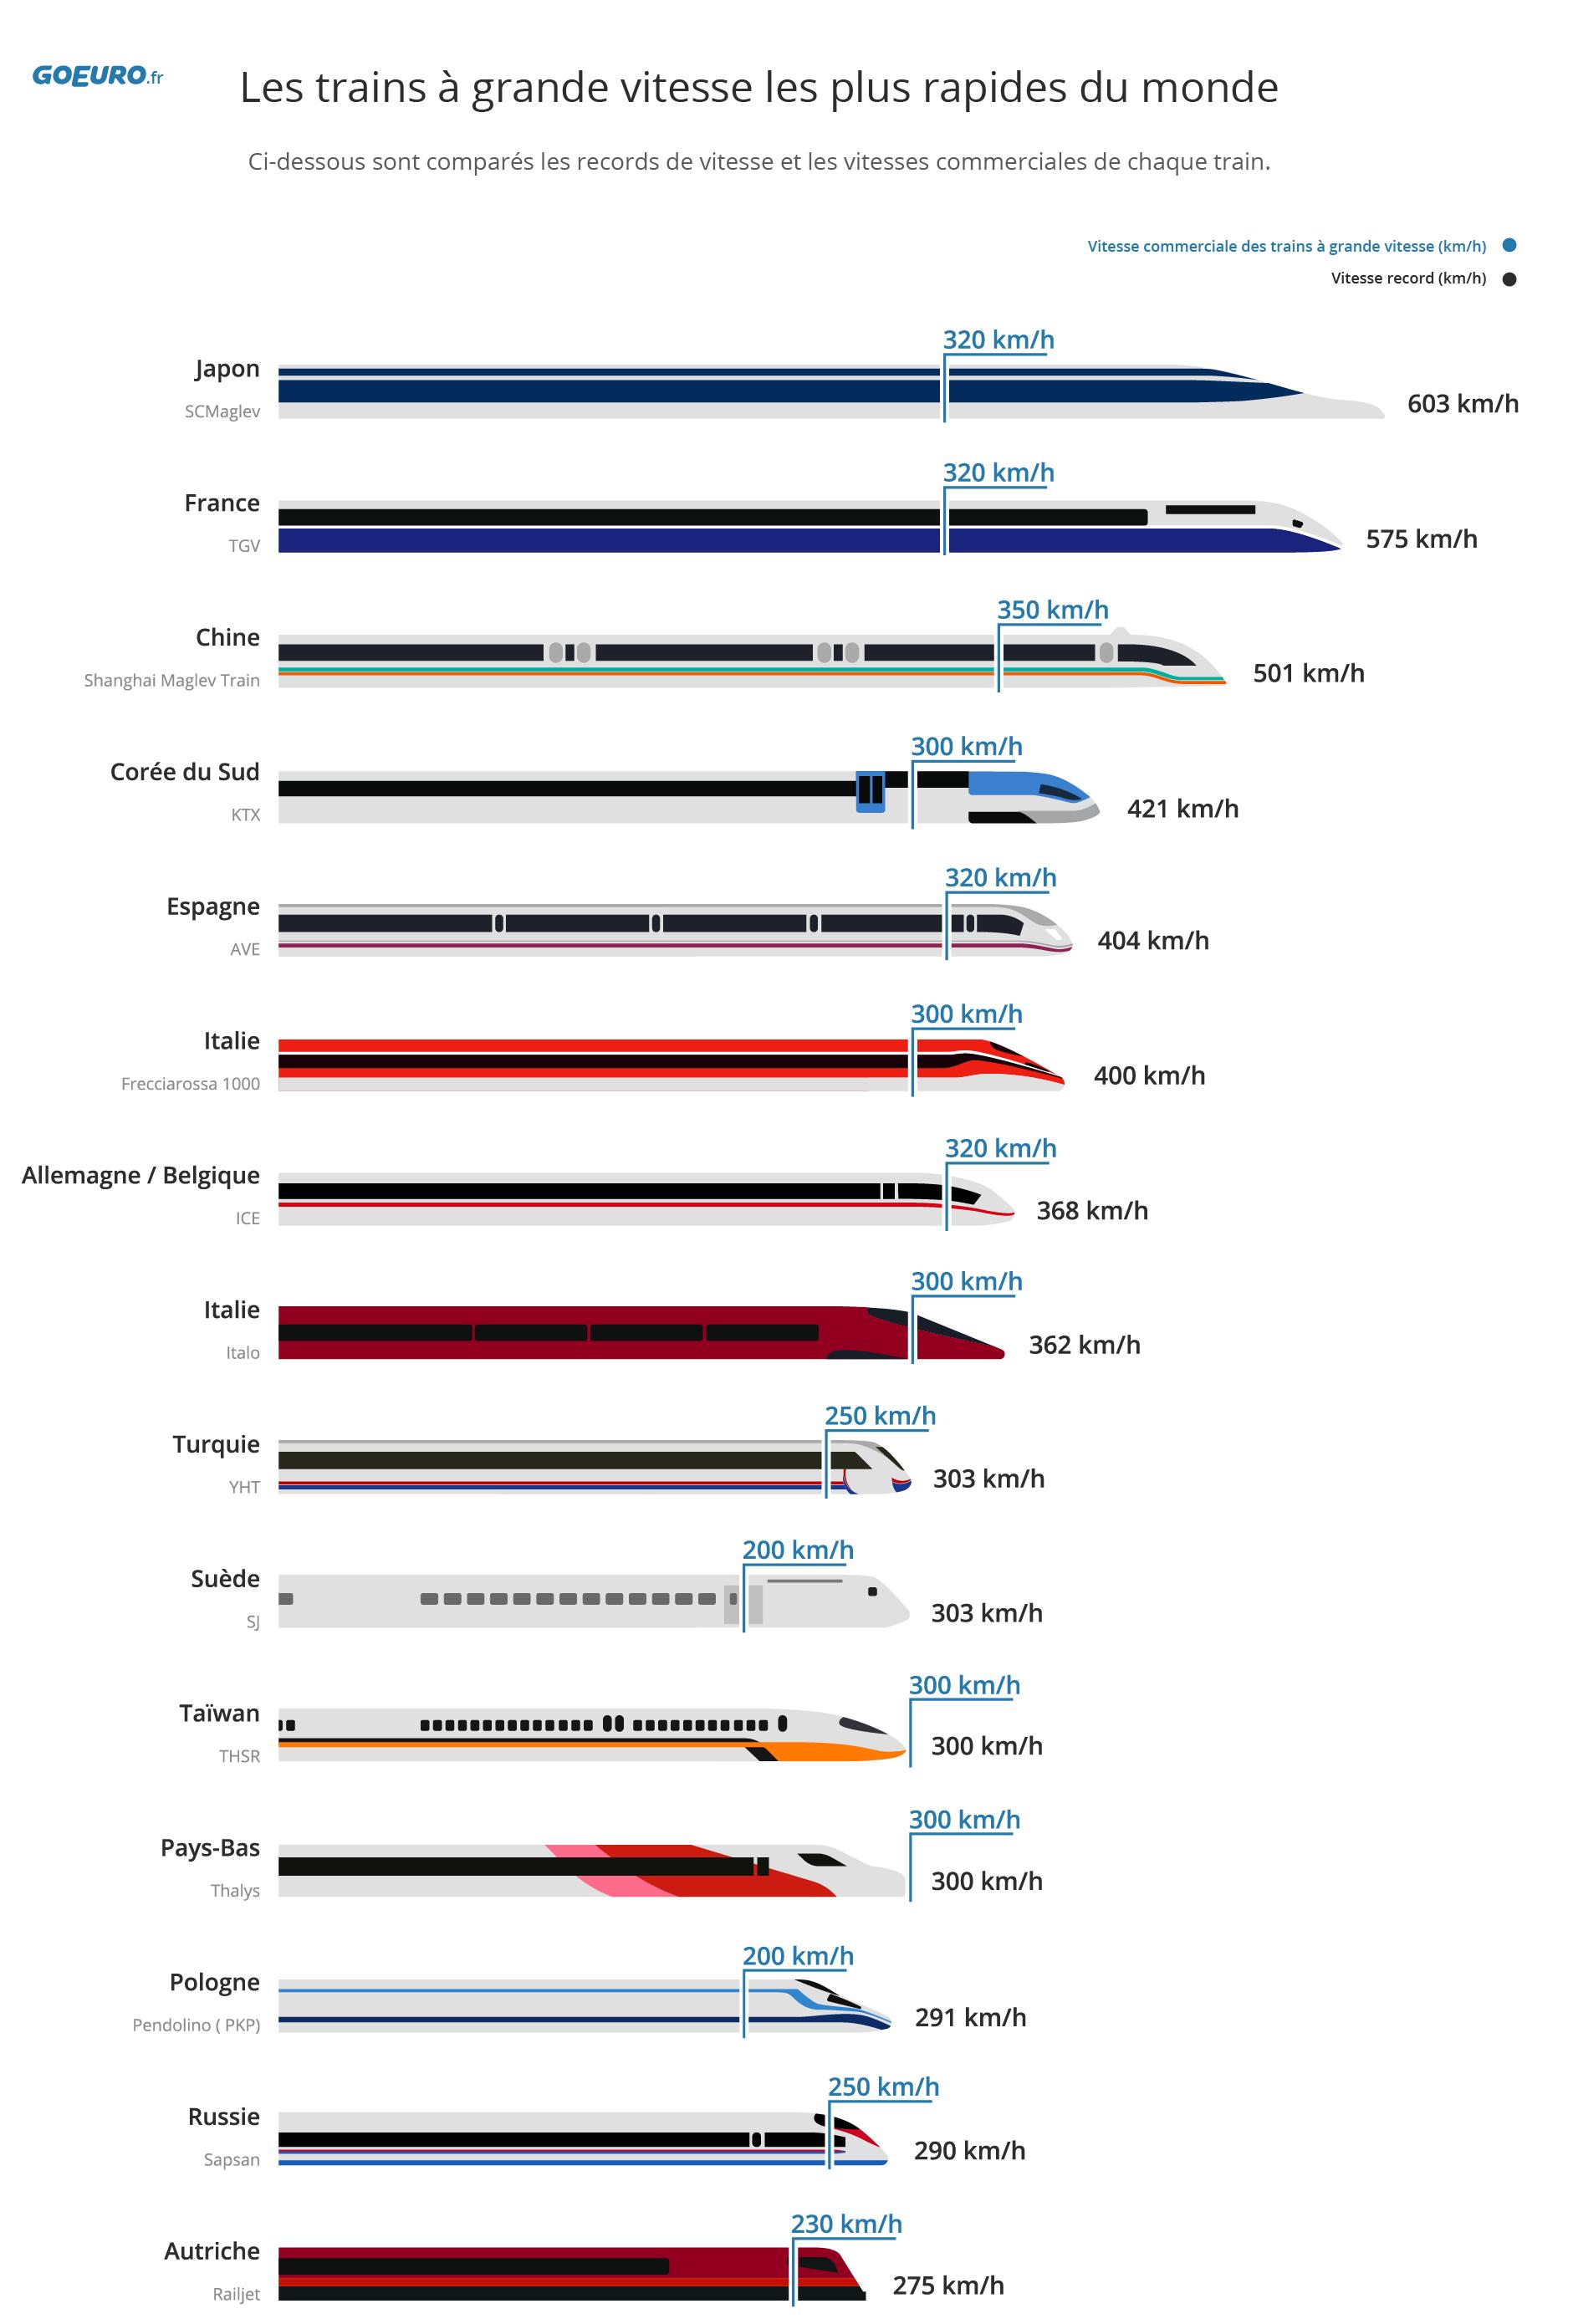 Les trains à grande vitesse les plus rapides du monde